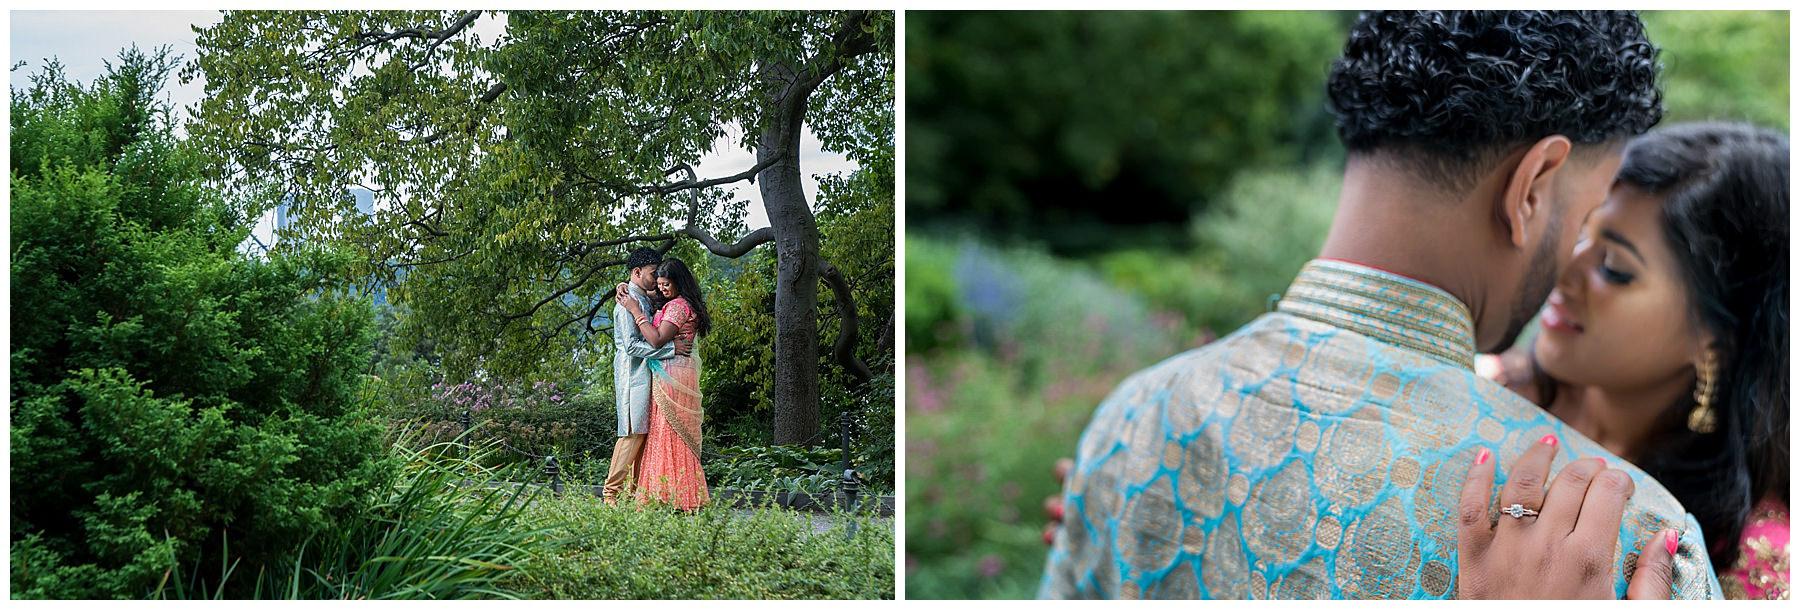 fort-tysons-park-new-york-engagement-shoot-sibyl-jithin-2.jpg